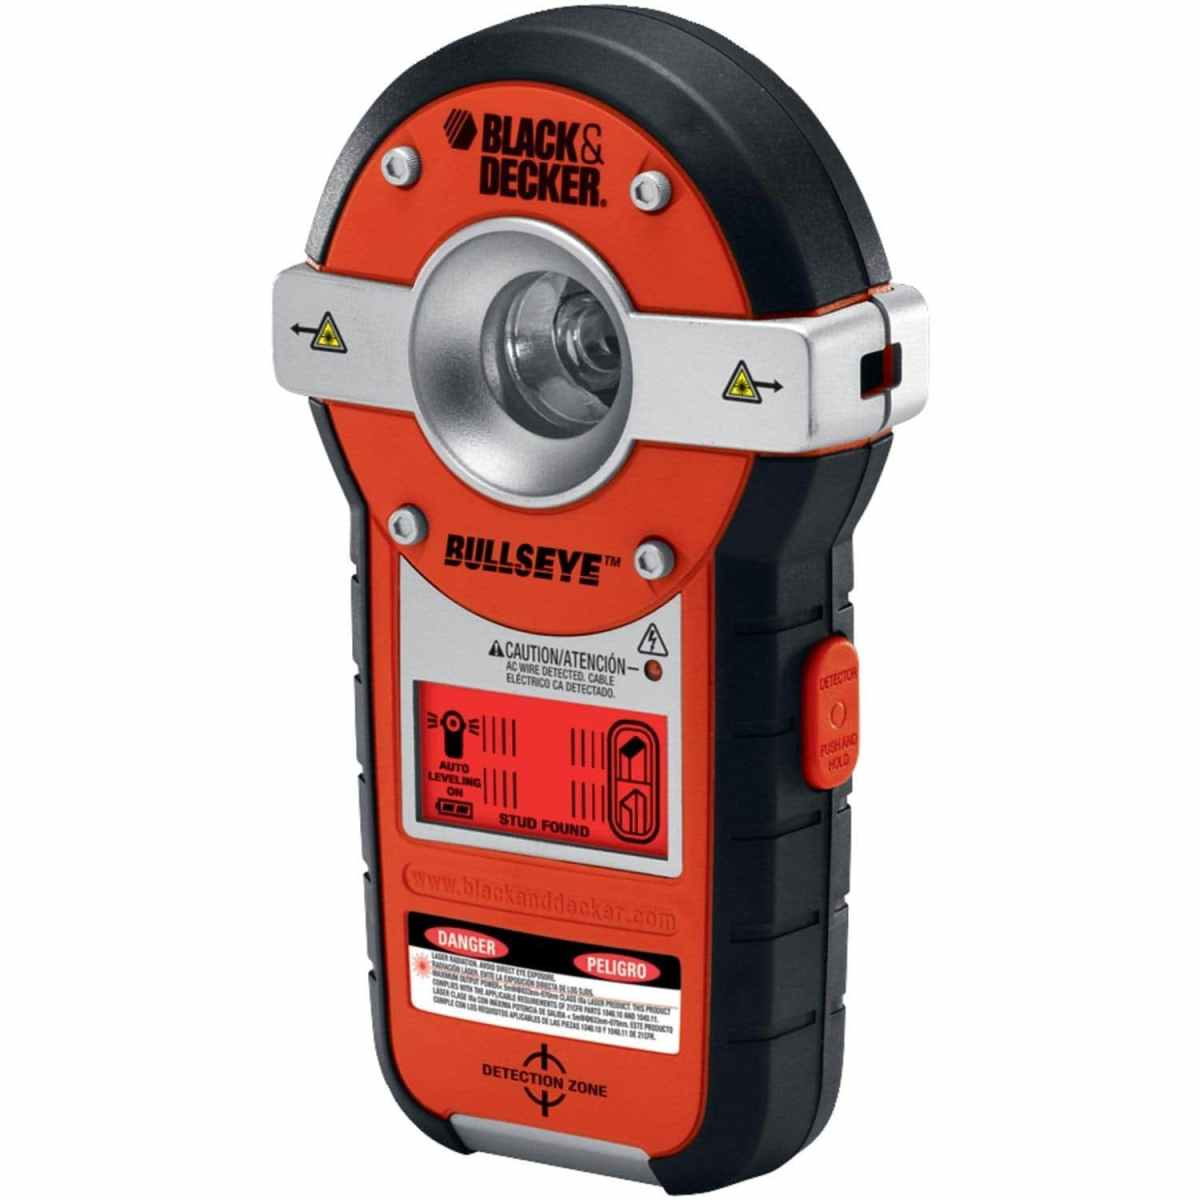 BullsEye Auto-Leveling Line Laser Laser